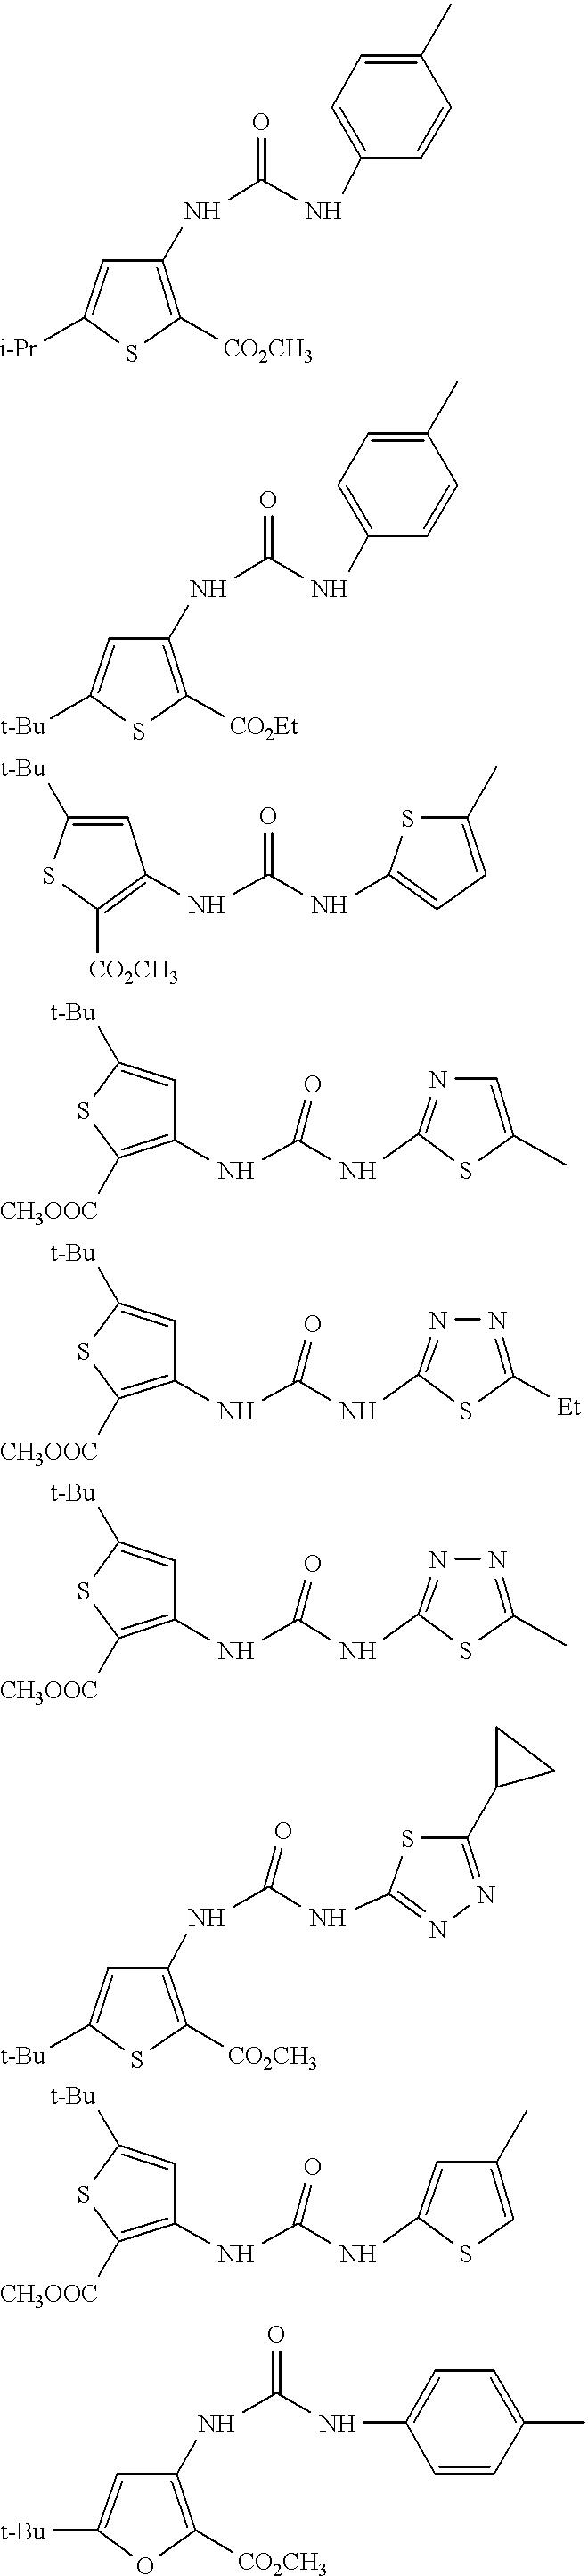 Figure US06187799-20010213-C00006